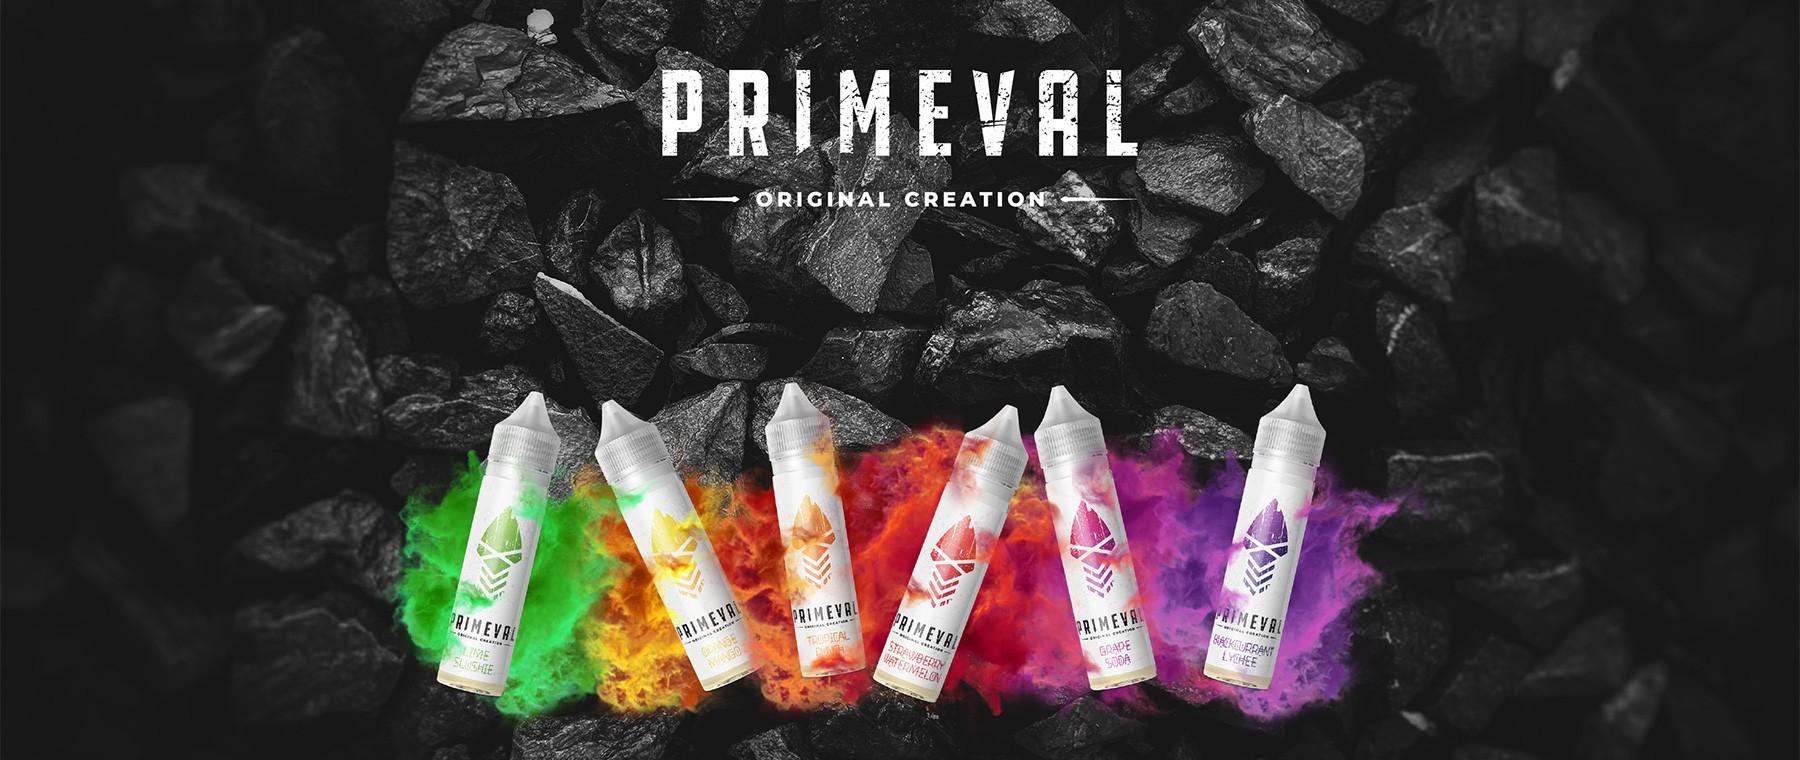 primeval-aroma_1920x1920